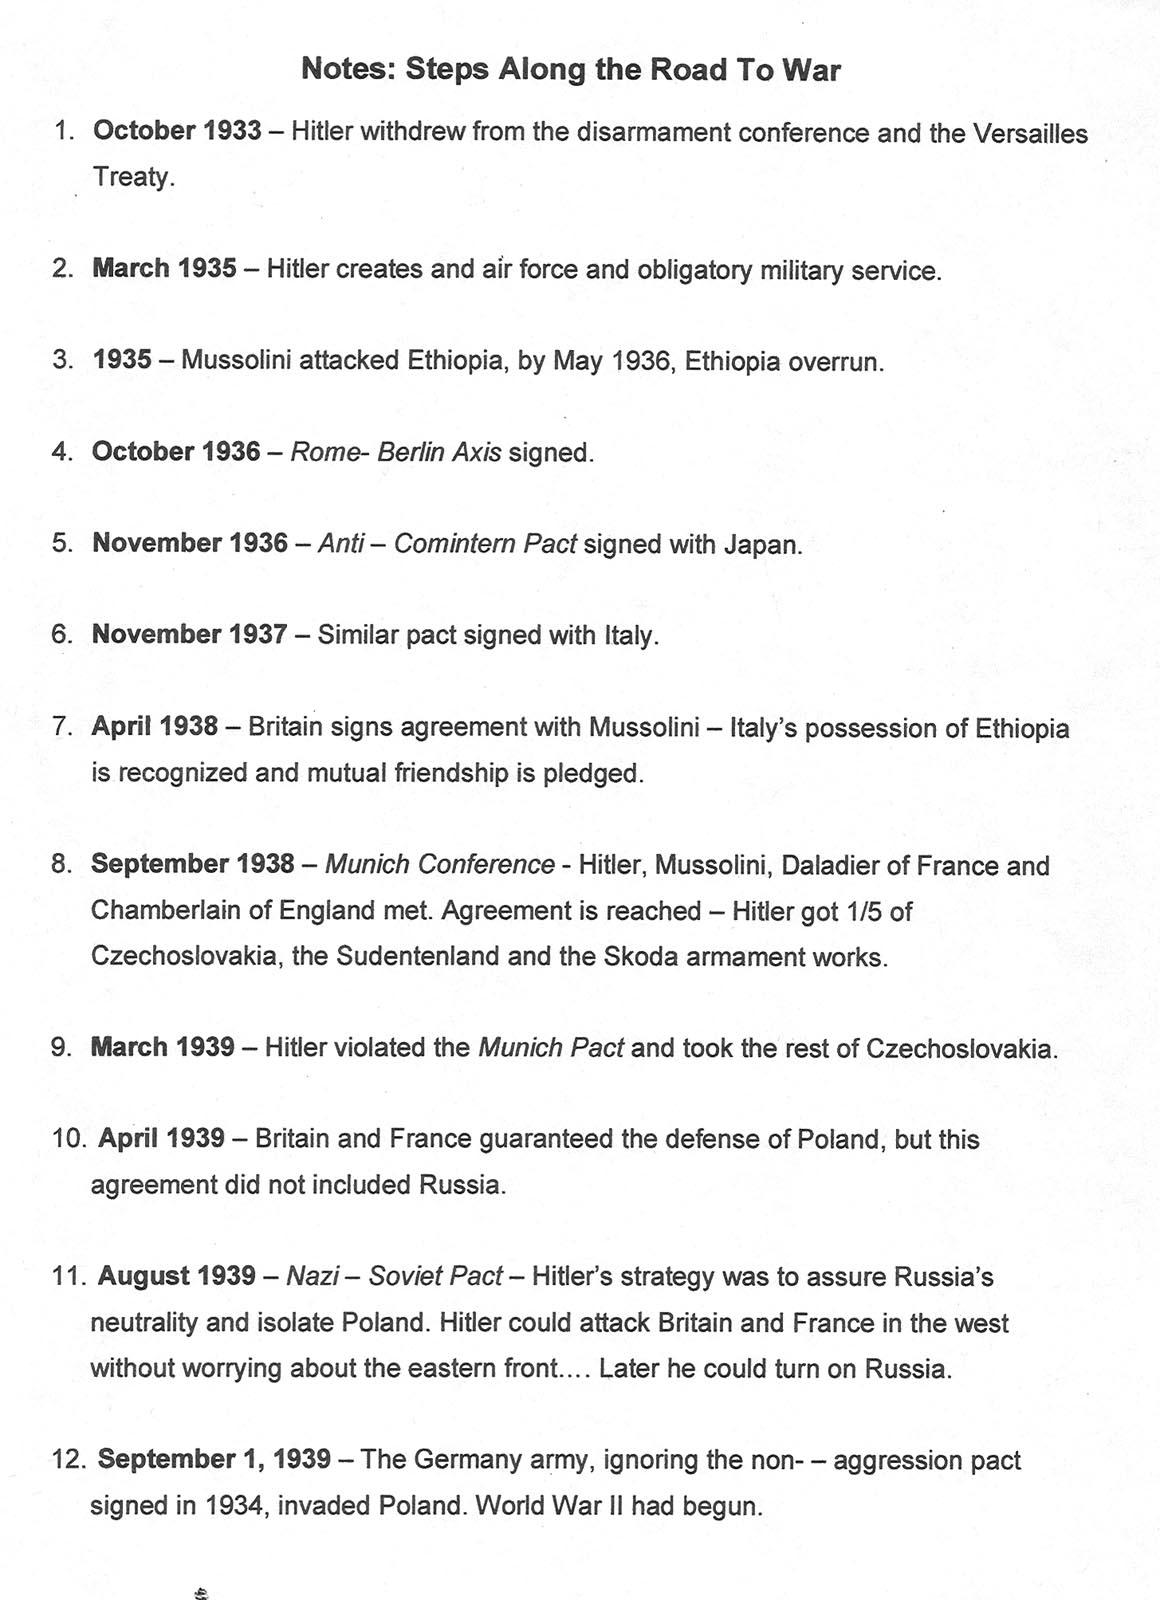 World War 1 Timeline Worksheet